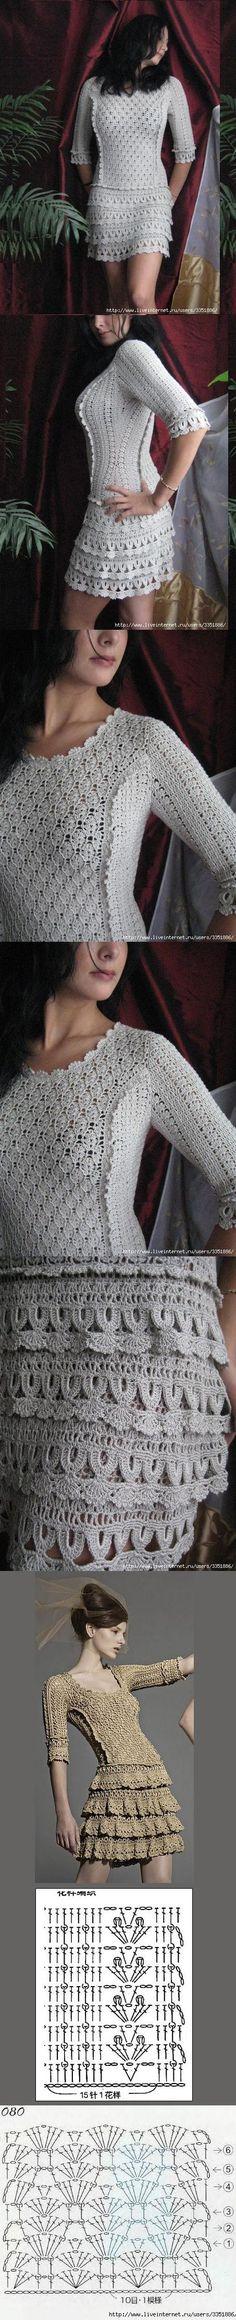 O vestido eu não gostei muito, mas os pontos são bem bonitos.